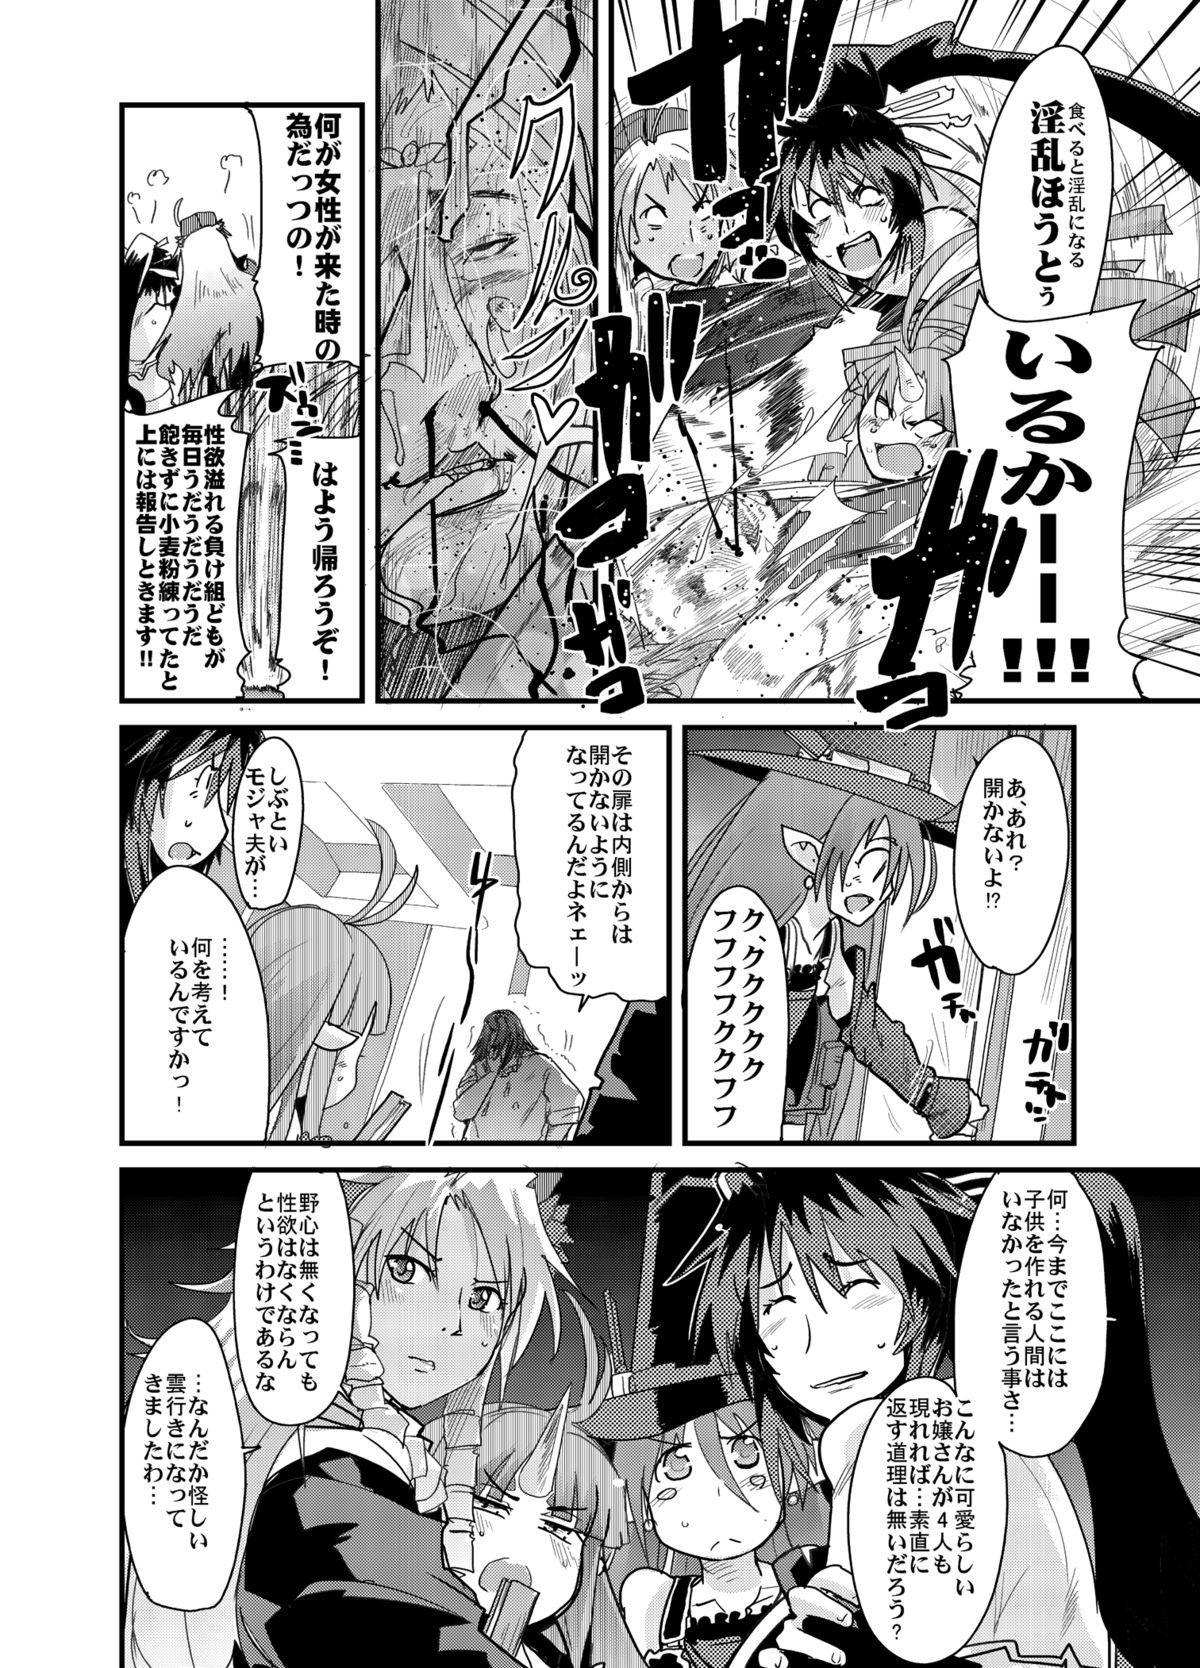 Boku no Watashi no Mugen no Super Bobobbo Taisen Frontier 6